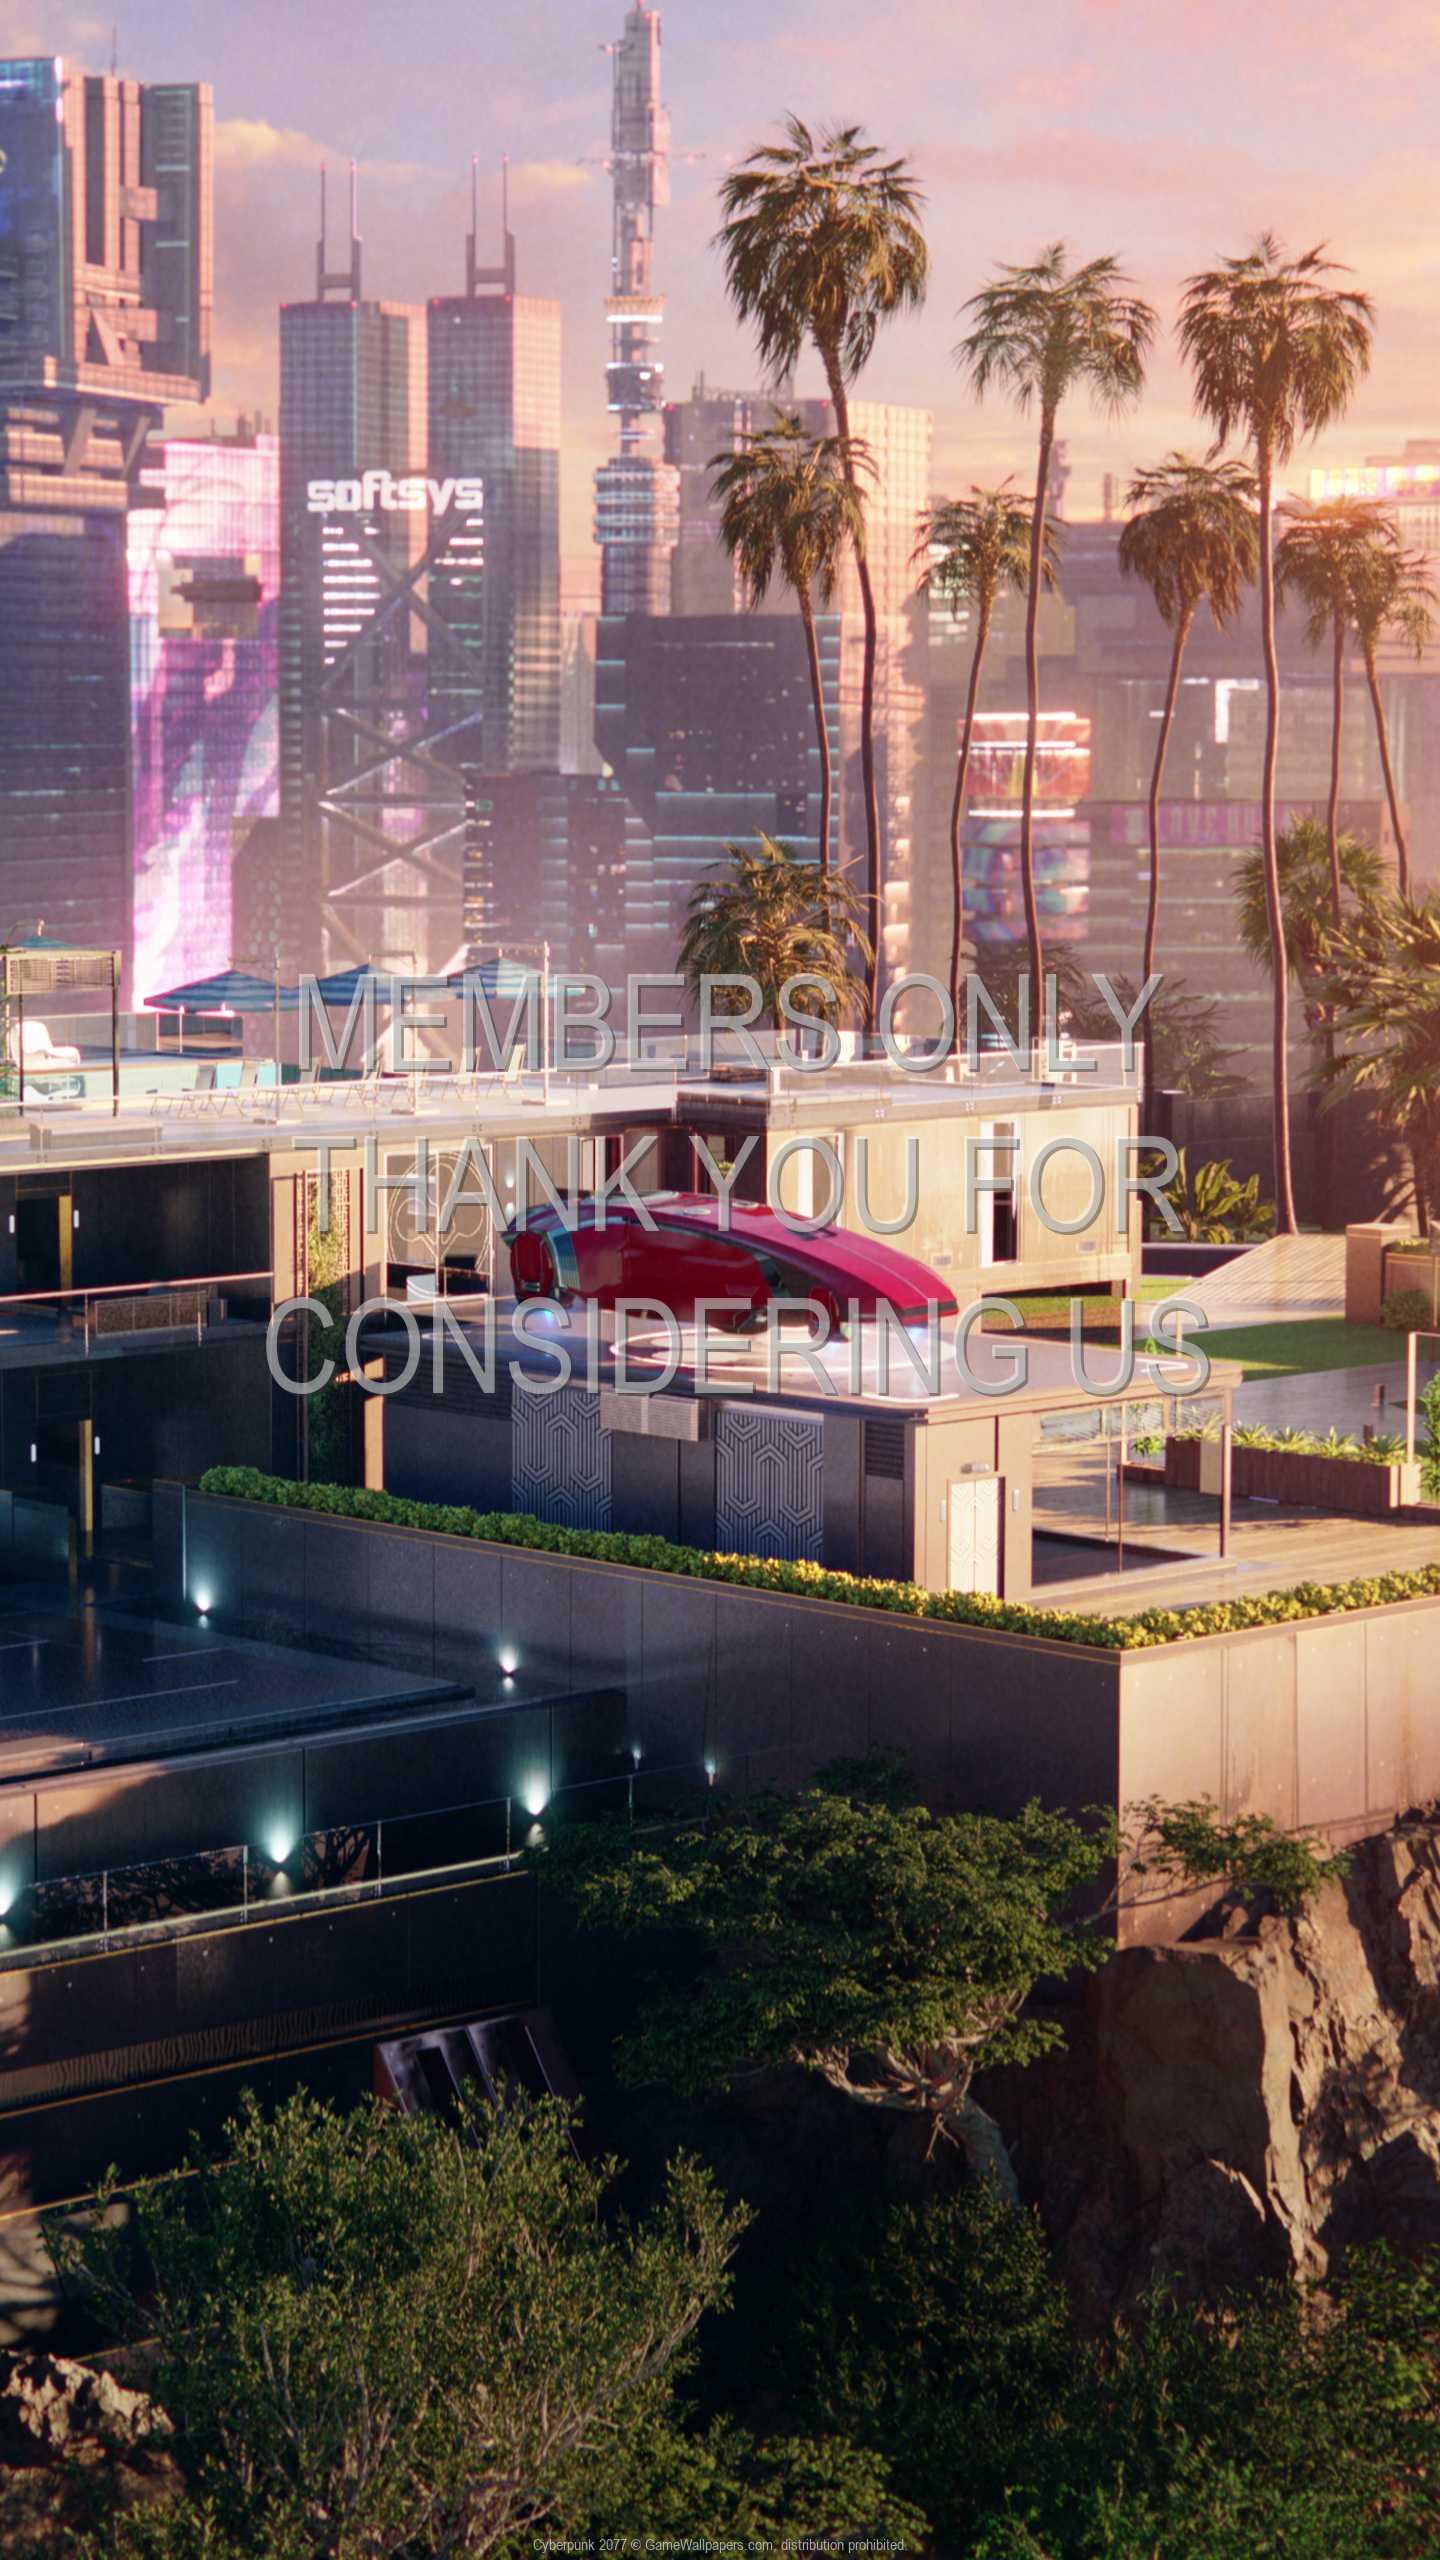 Cyberpunk 2077 1440p Vertical Mobile fond d'écran 50